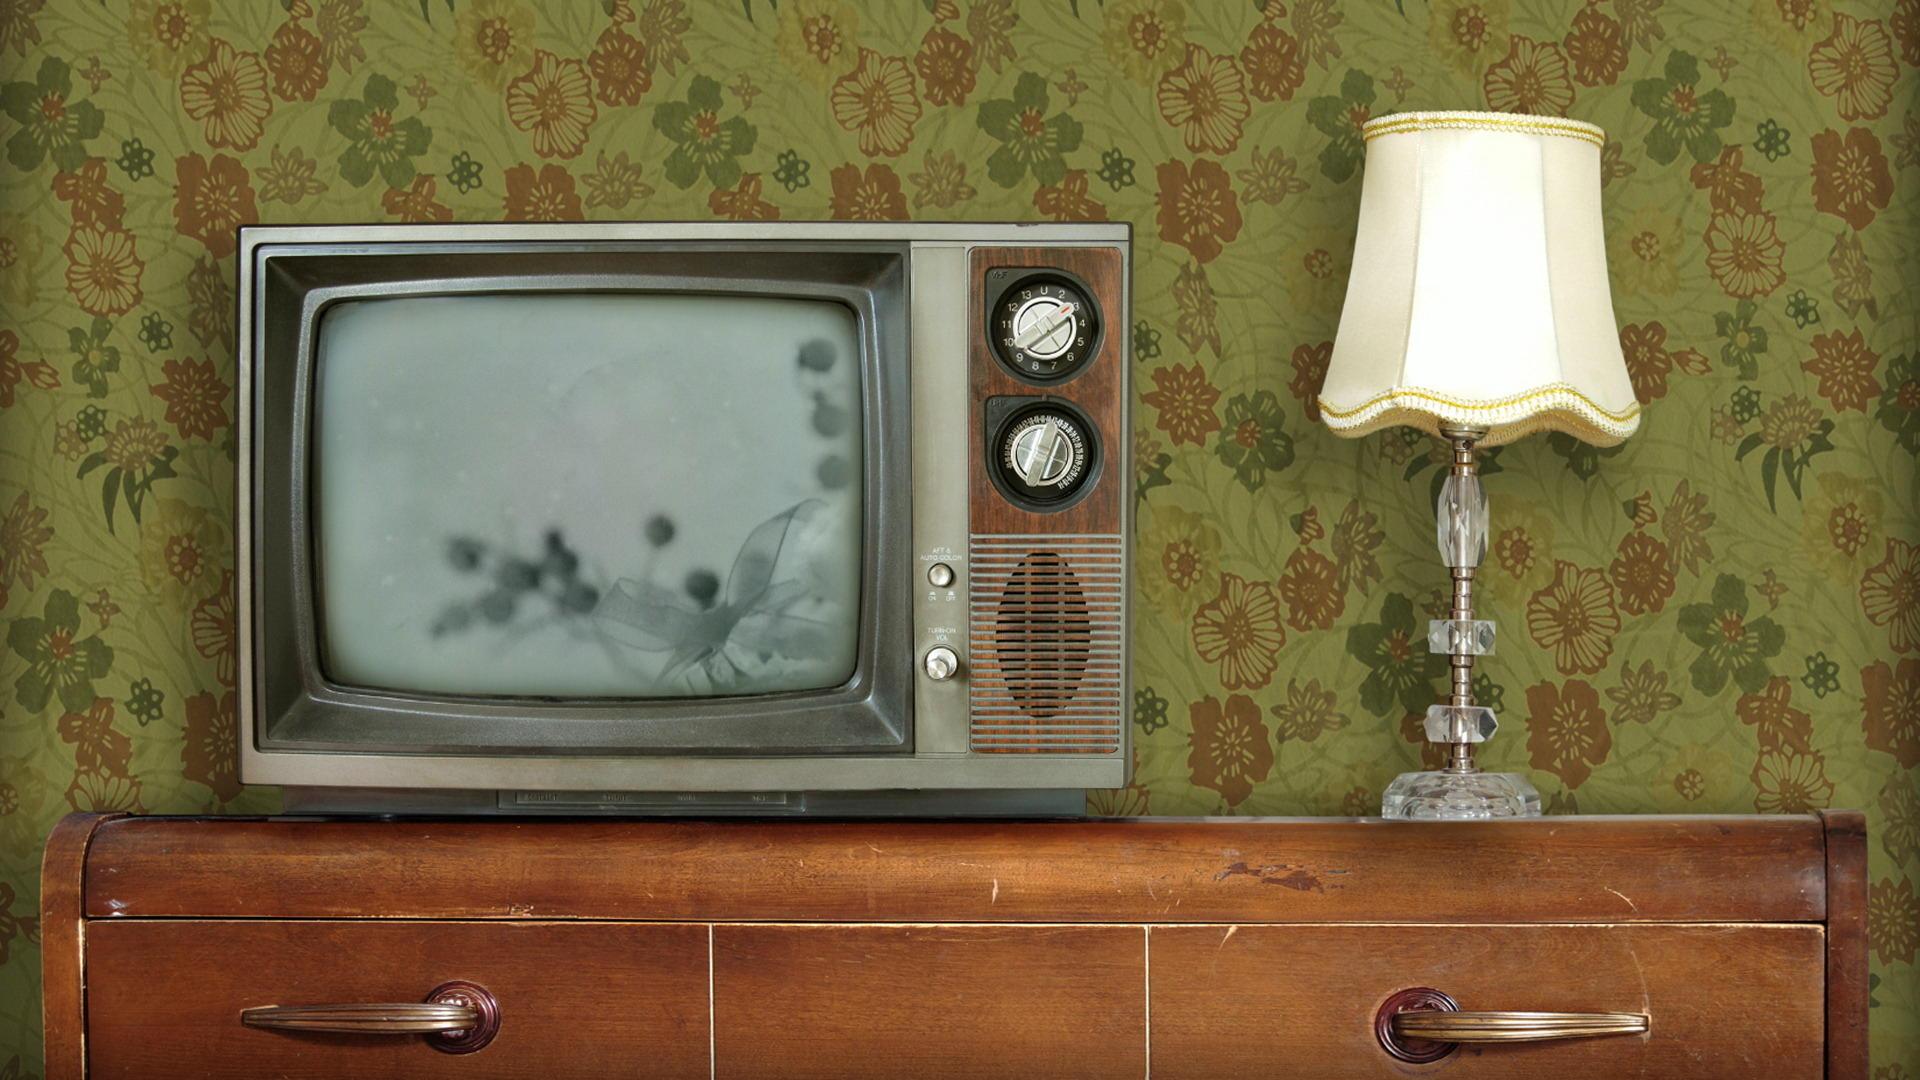 Что можно сделать из старого телевизора фото